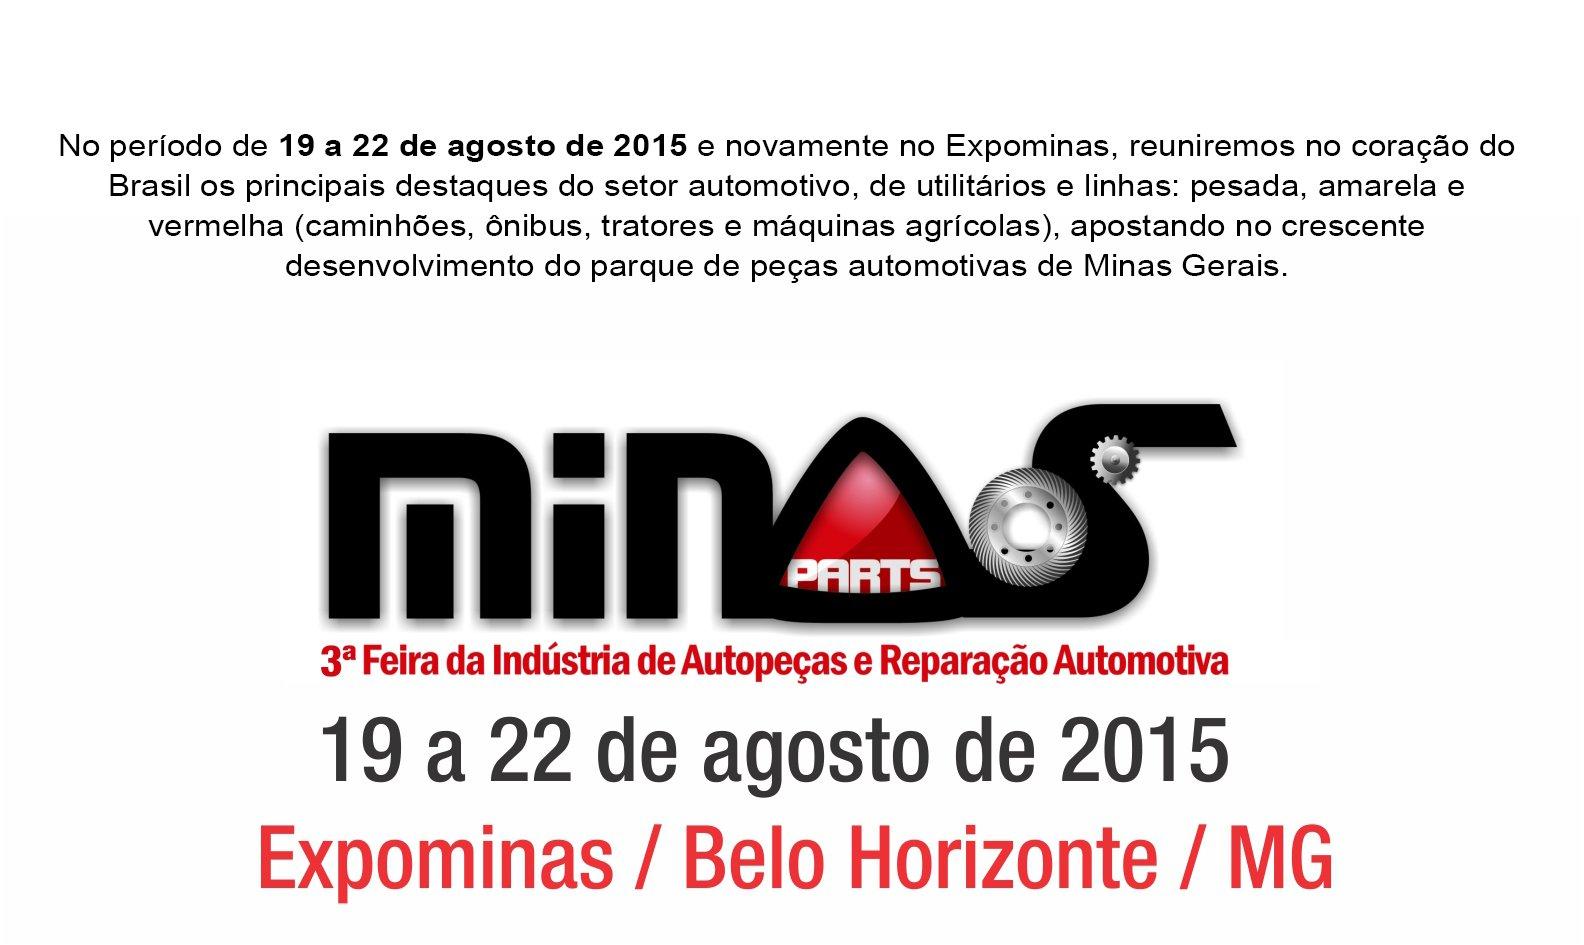 Minas Parts 2015 – 3ª Feira da Indústria de Autopeças e Reparação Automotiva